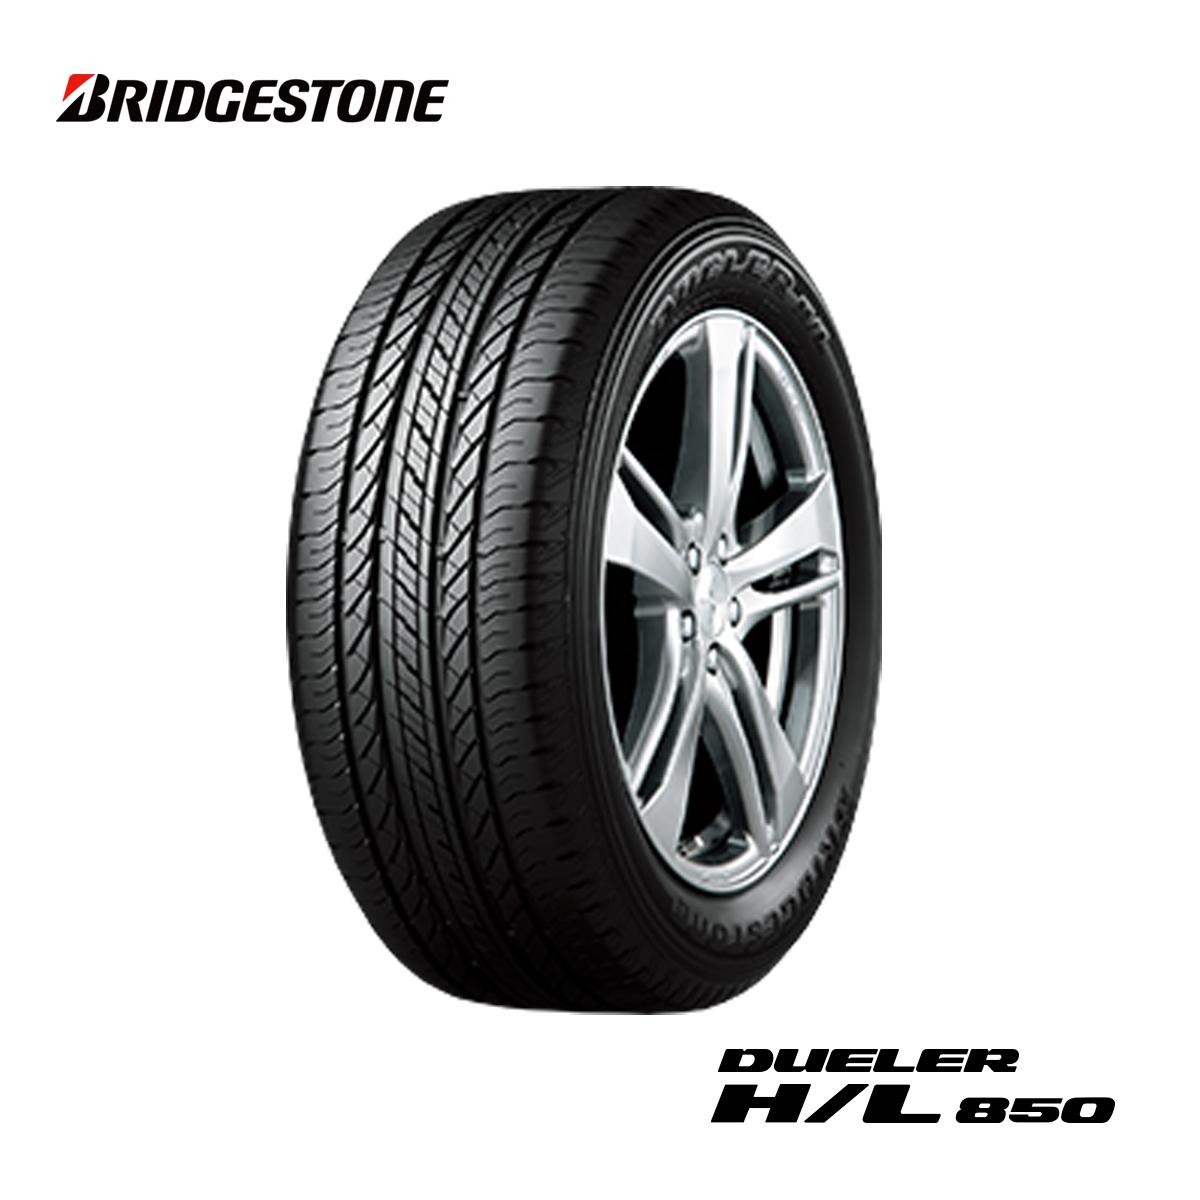 ブリヂストン BS 15インチ タイヤ 165/60R15 165 60 15 デューラー サマー タイヤ 4本 4WD SUV オフロード タイヤ BRIDGESTONE DUELER H/L850